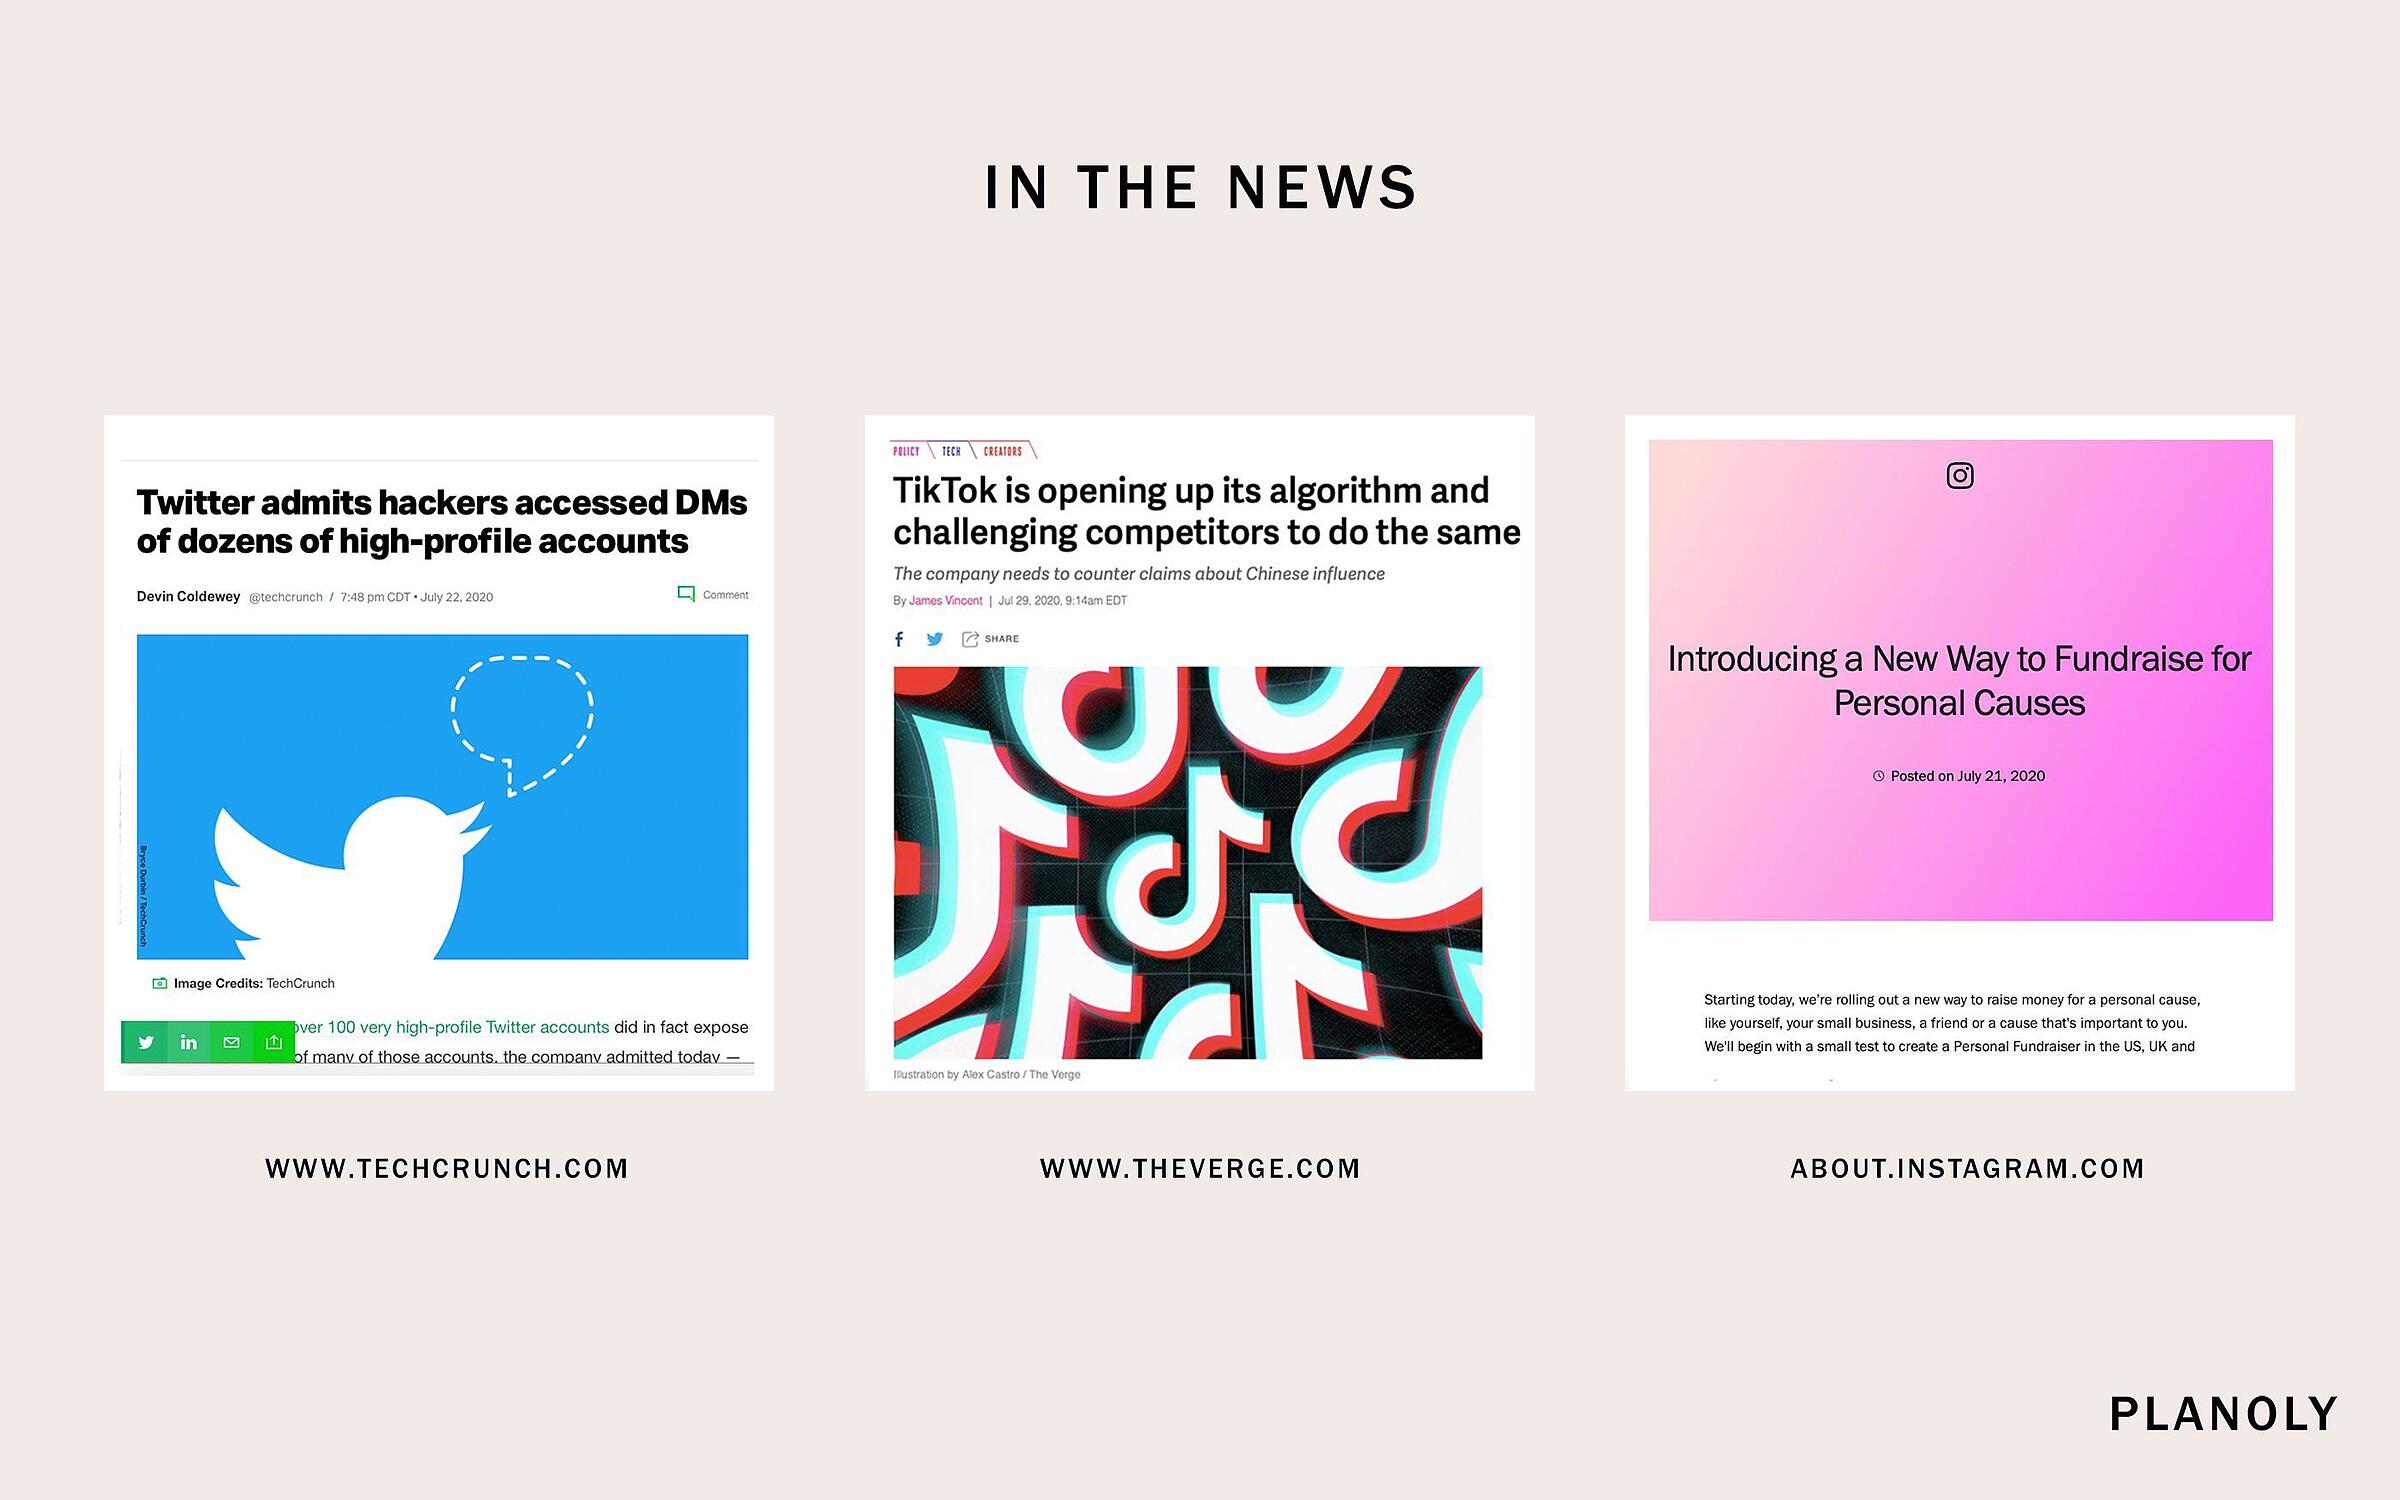 PLANOLY - Blog Post - Social Sphere - Week of 07-13 - Image 1-1